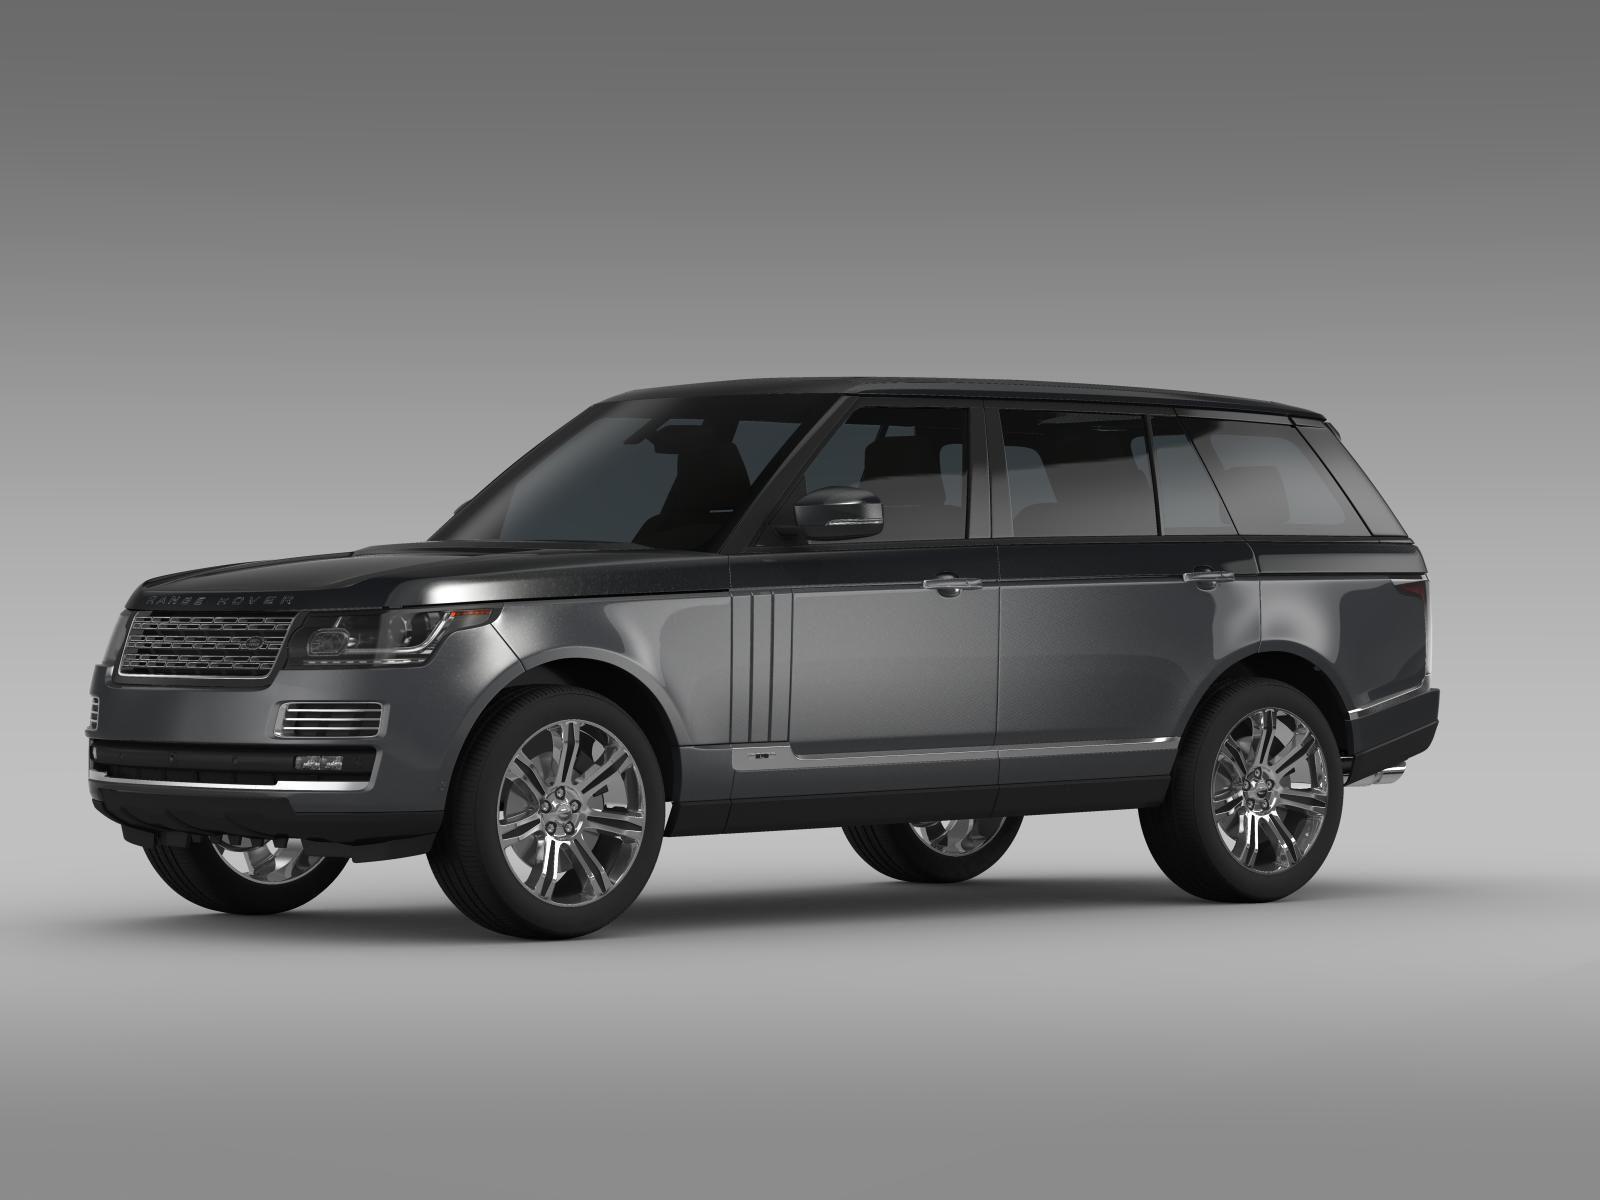 range rover svautobiography lwb l405 2016 3d model max. Black Bedroom Furniture Sets. Home Design Ideas